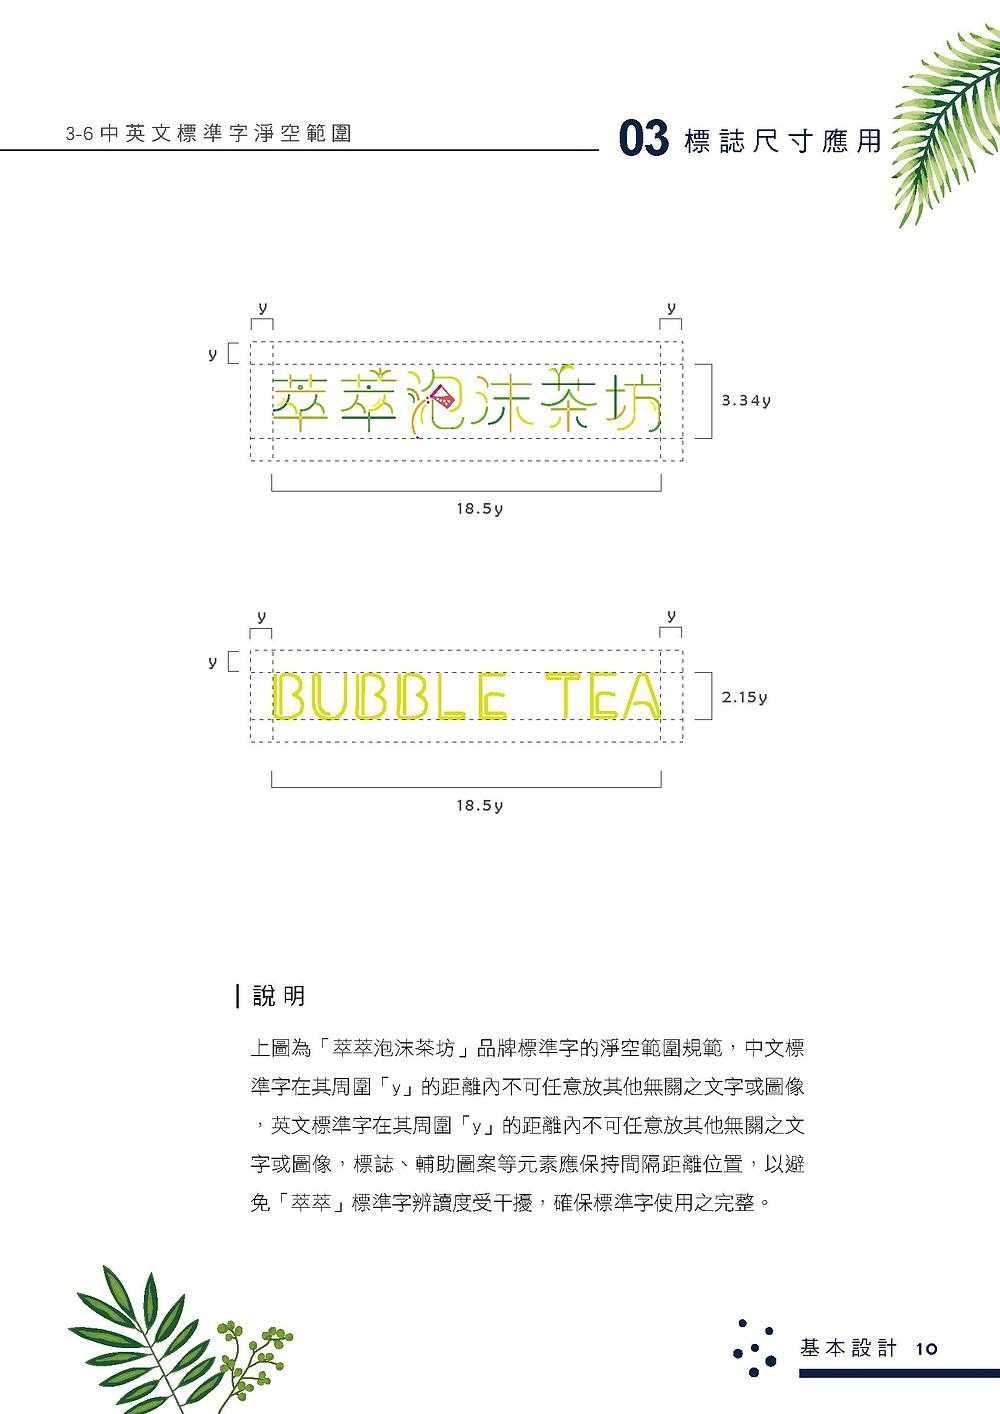 萃萃泡沫茶坊 品牌識別系統手冊 標誌尺寸應用